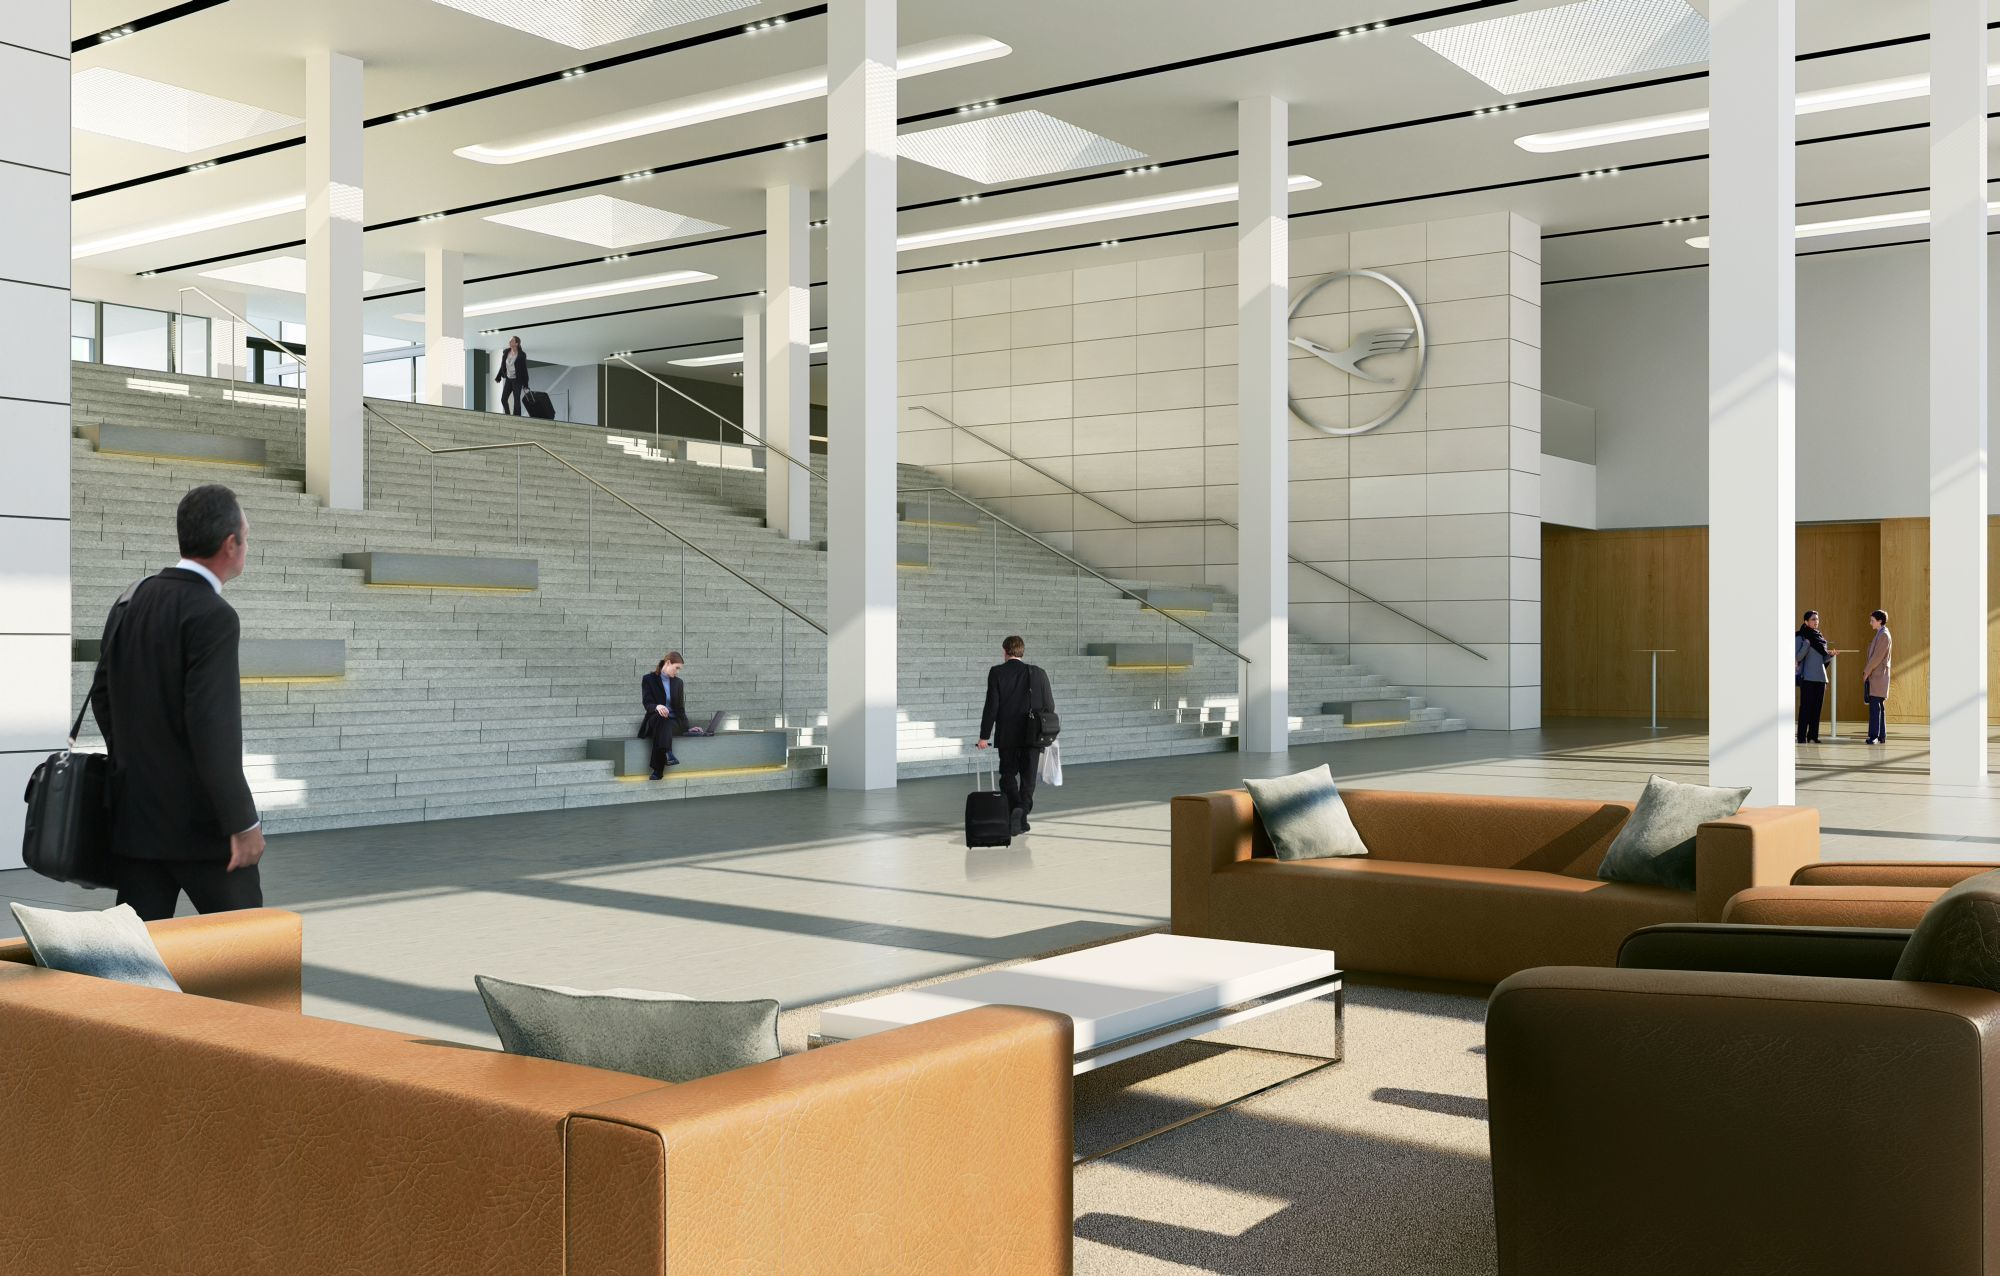 Rendering: Hollin + Radoske Architekten